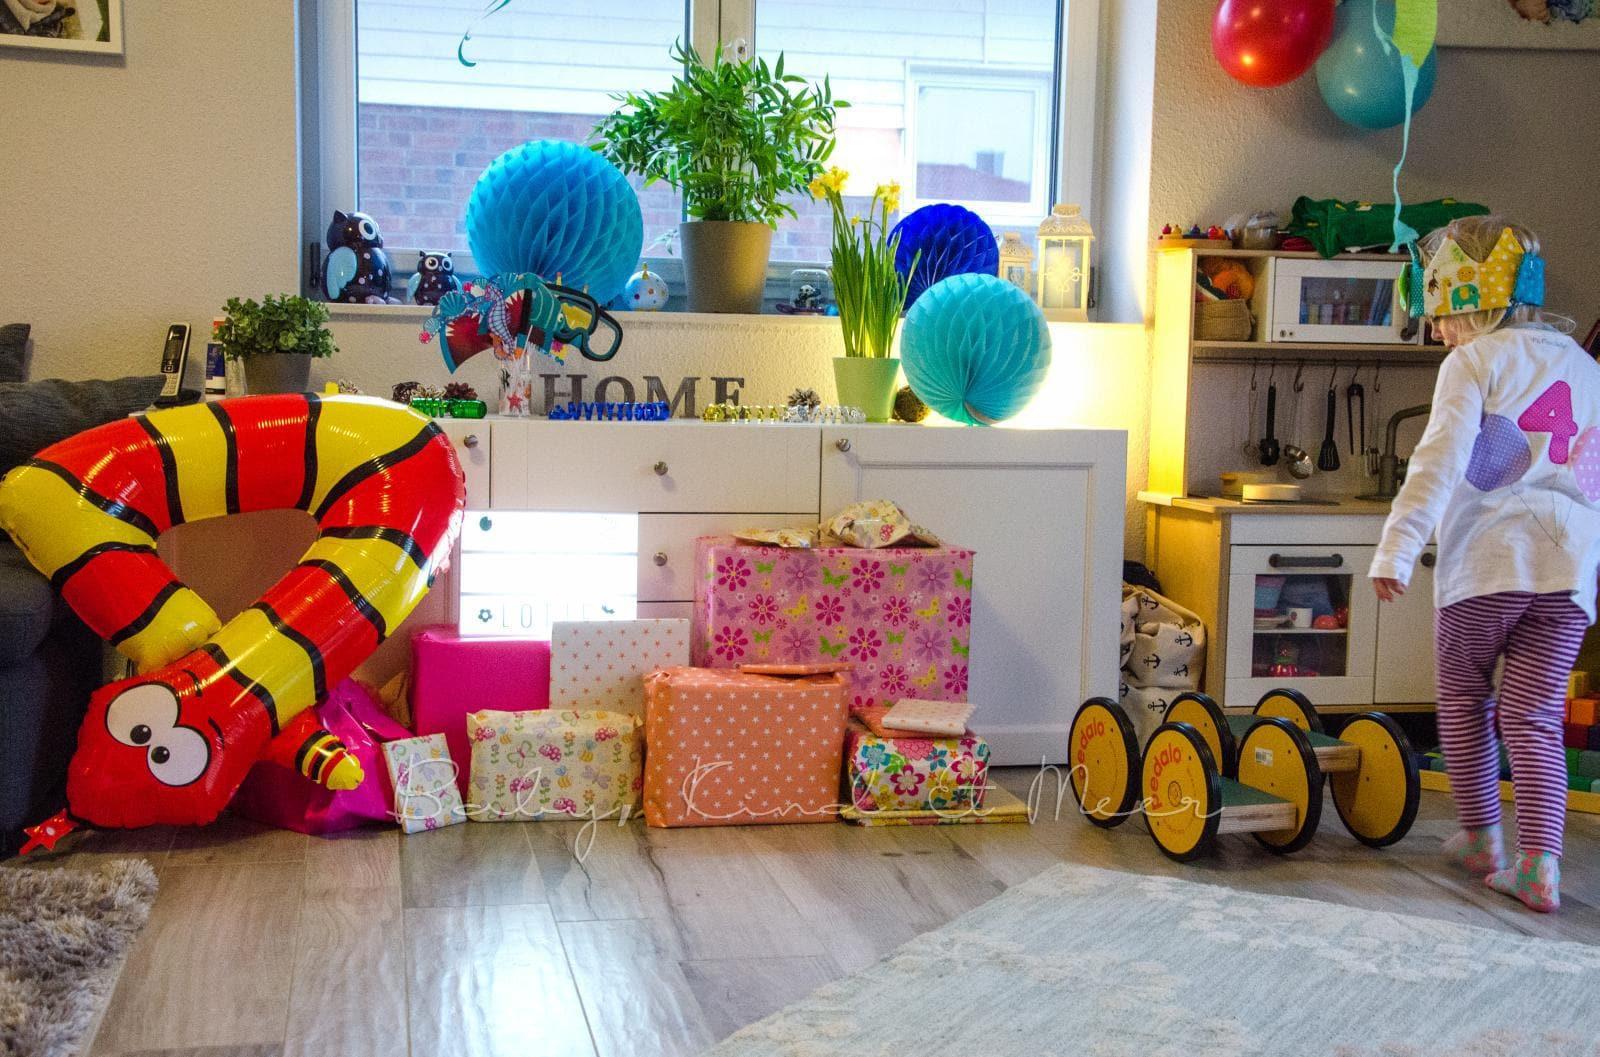 Lottes 4. Geburtstag - Familie - Baby, Kind Und Meer in Geburtstagsgeschenk Für 4 Jähriges Mädchen